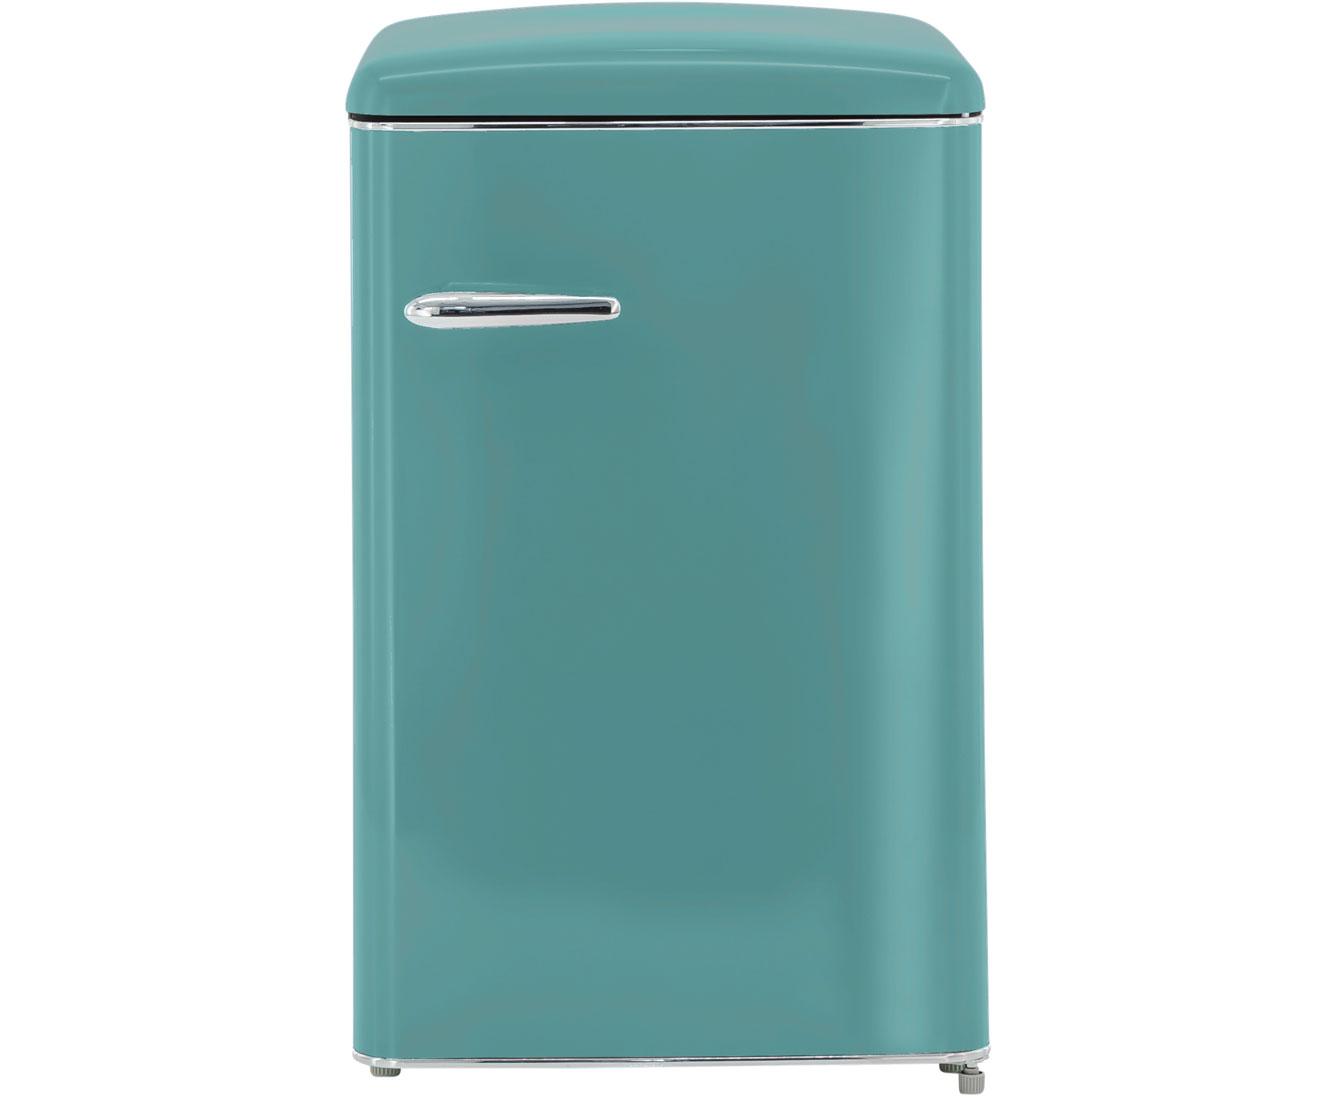 Retro Kühlschrank Blau : Kühlschrank retro preisvergleich u2022 die besten angebote online kaufen